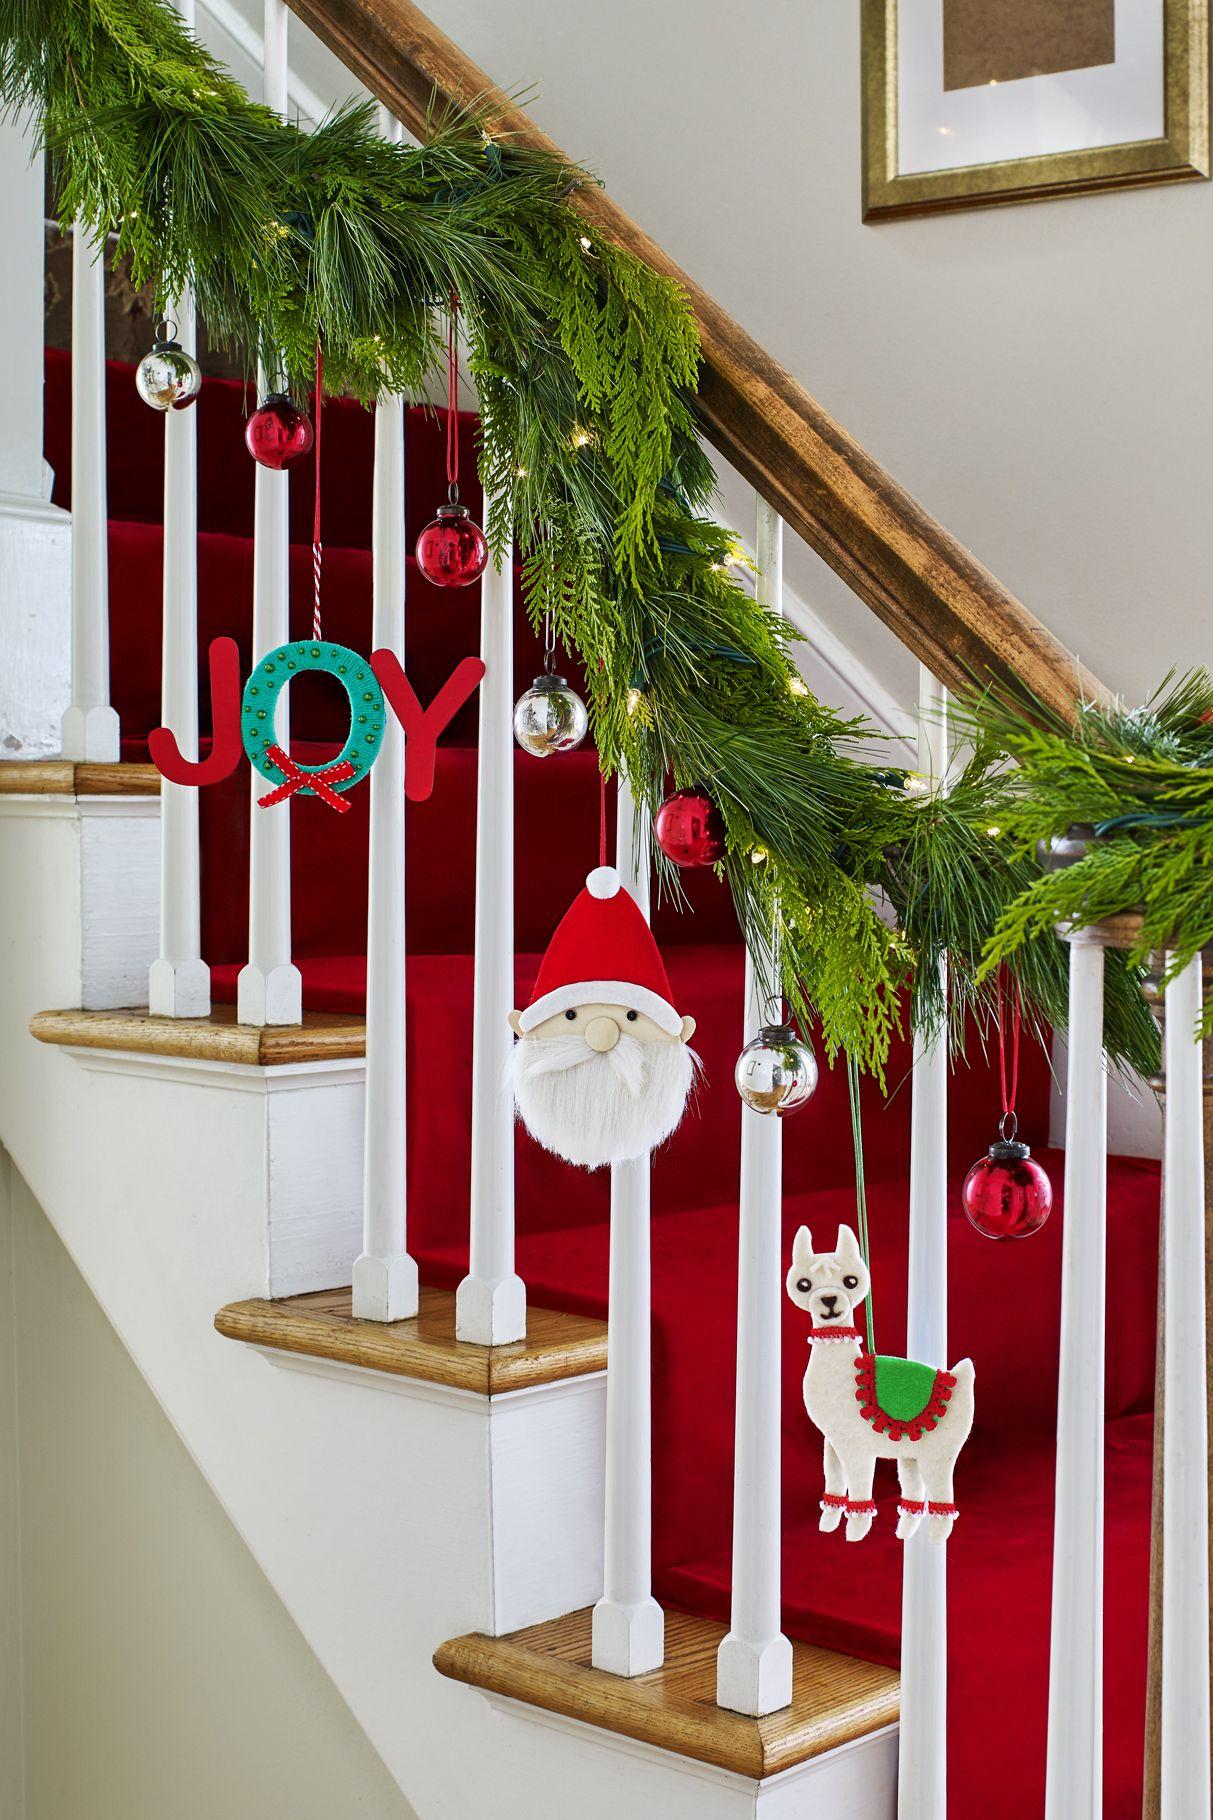 42 Homemade Diy Christmas Ornament Craft Ideas How To Make Holiday